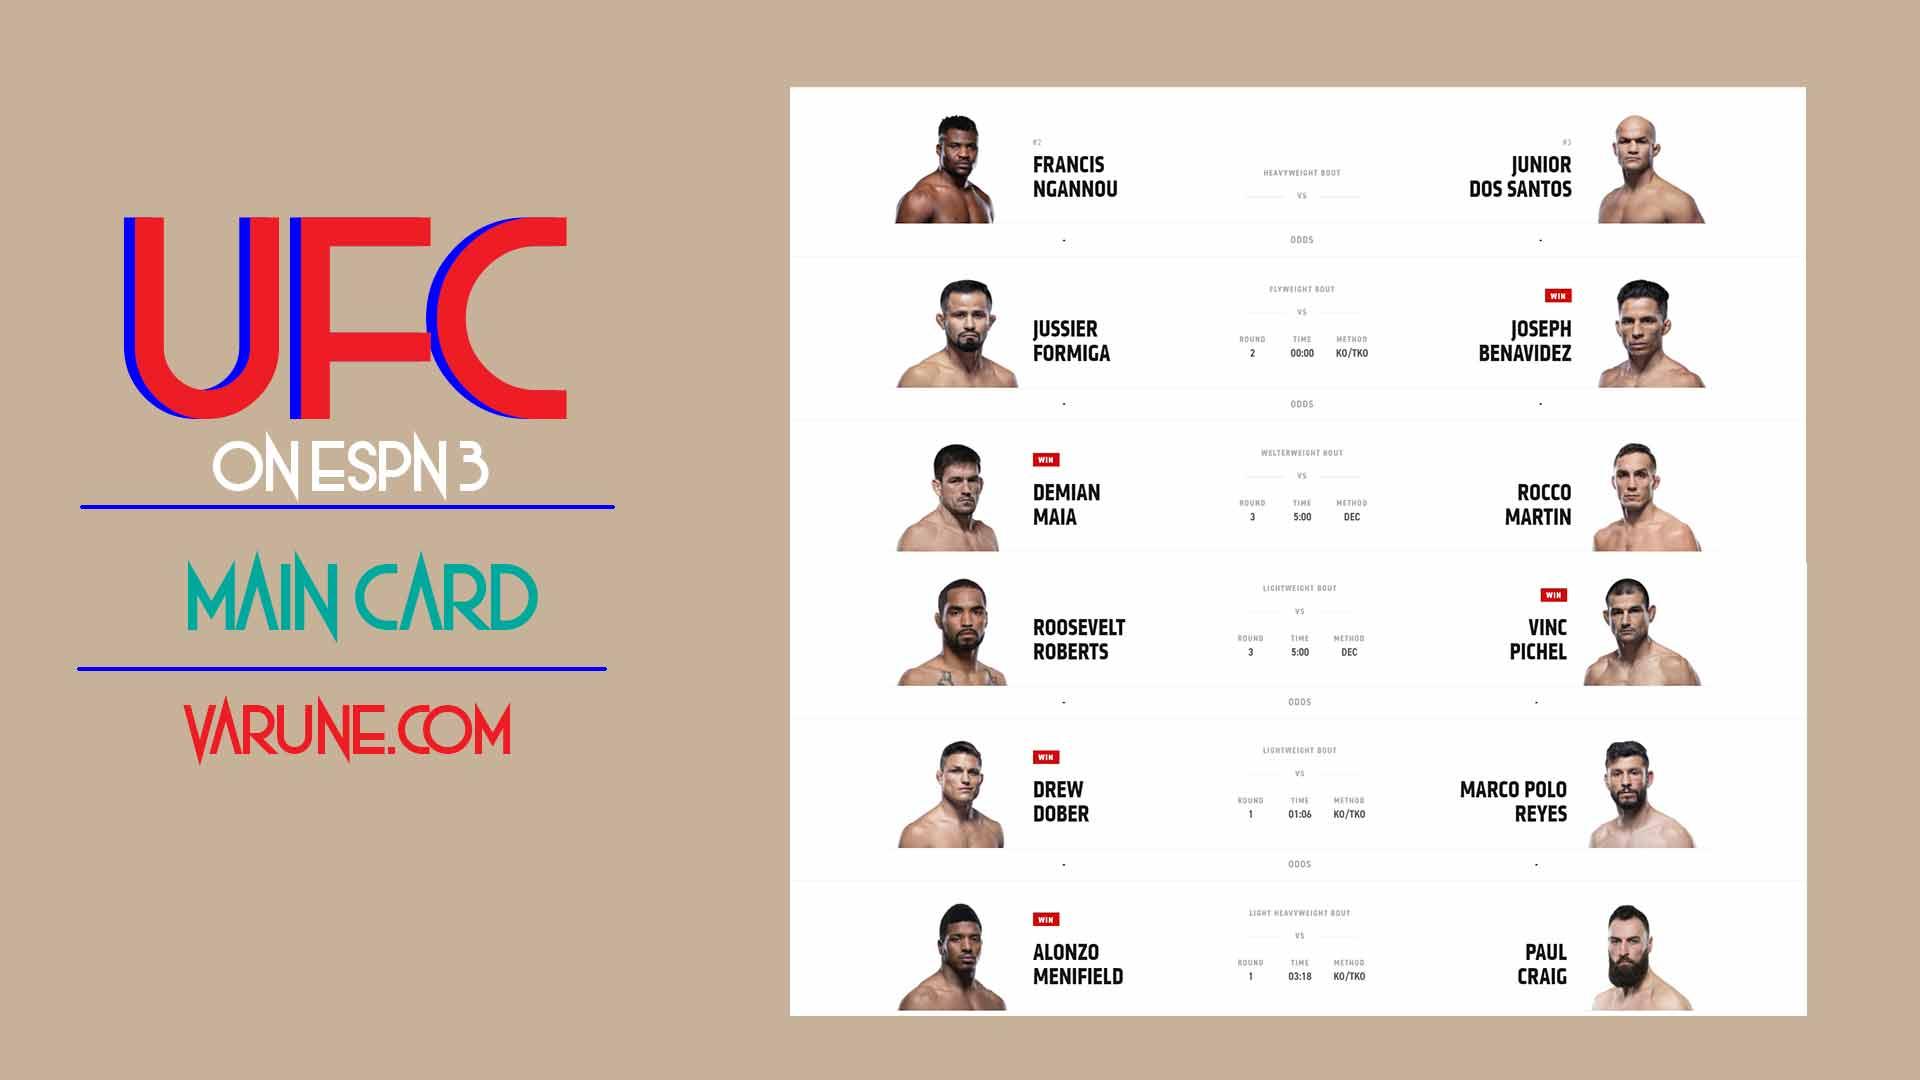 نگاهی به مبارزات UFC ON ESPN 3 ؛ فرانسیس انگانو صاحب سومین برد با TKO شد!